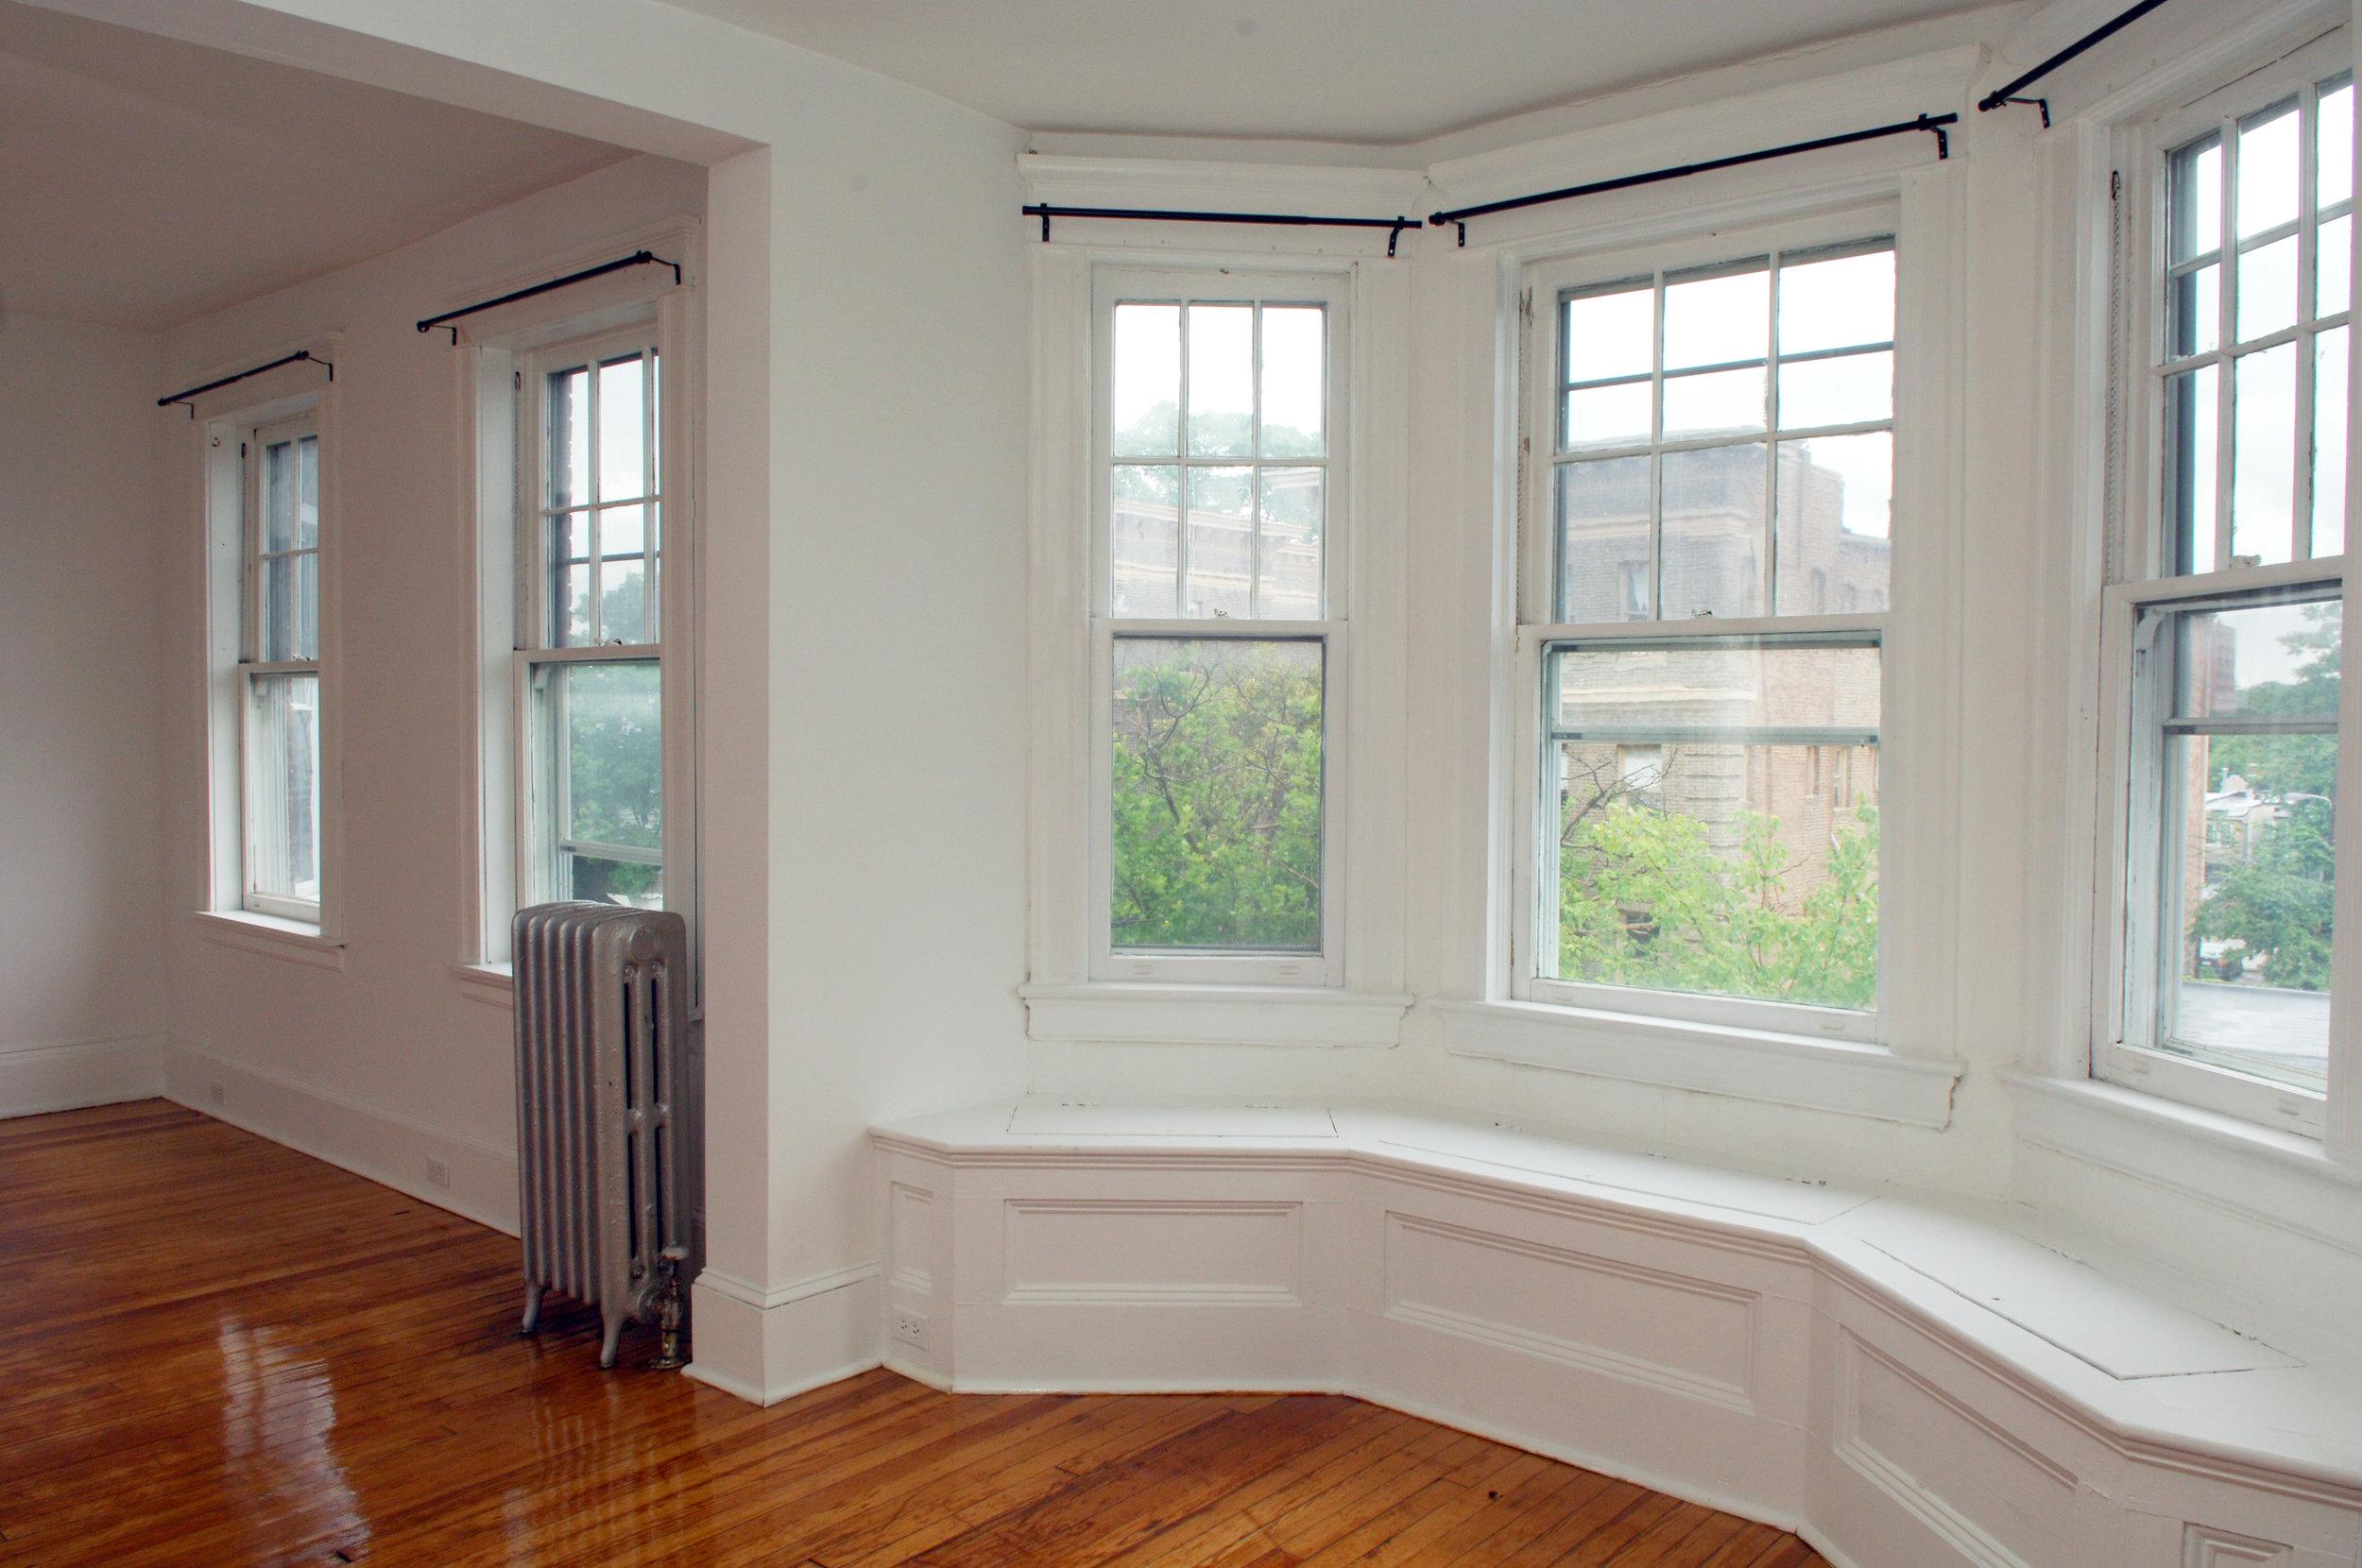 315 Front Bedroom.jpg